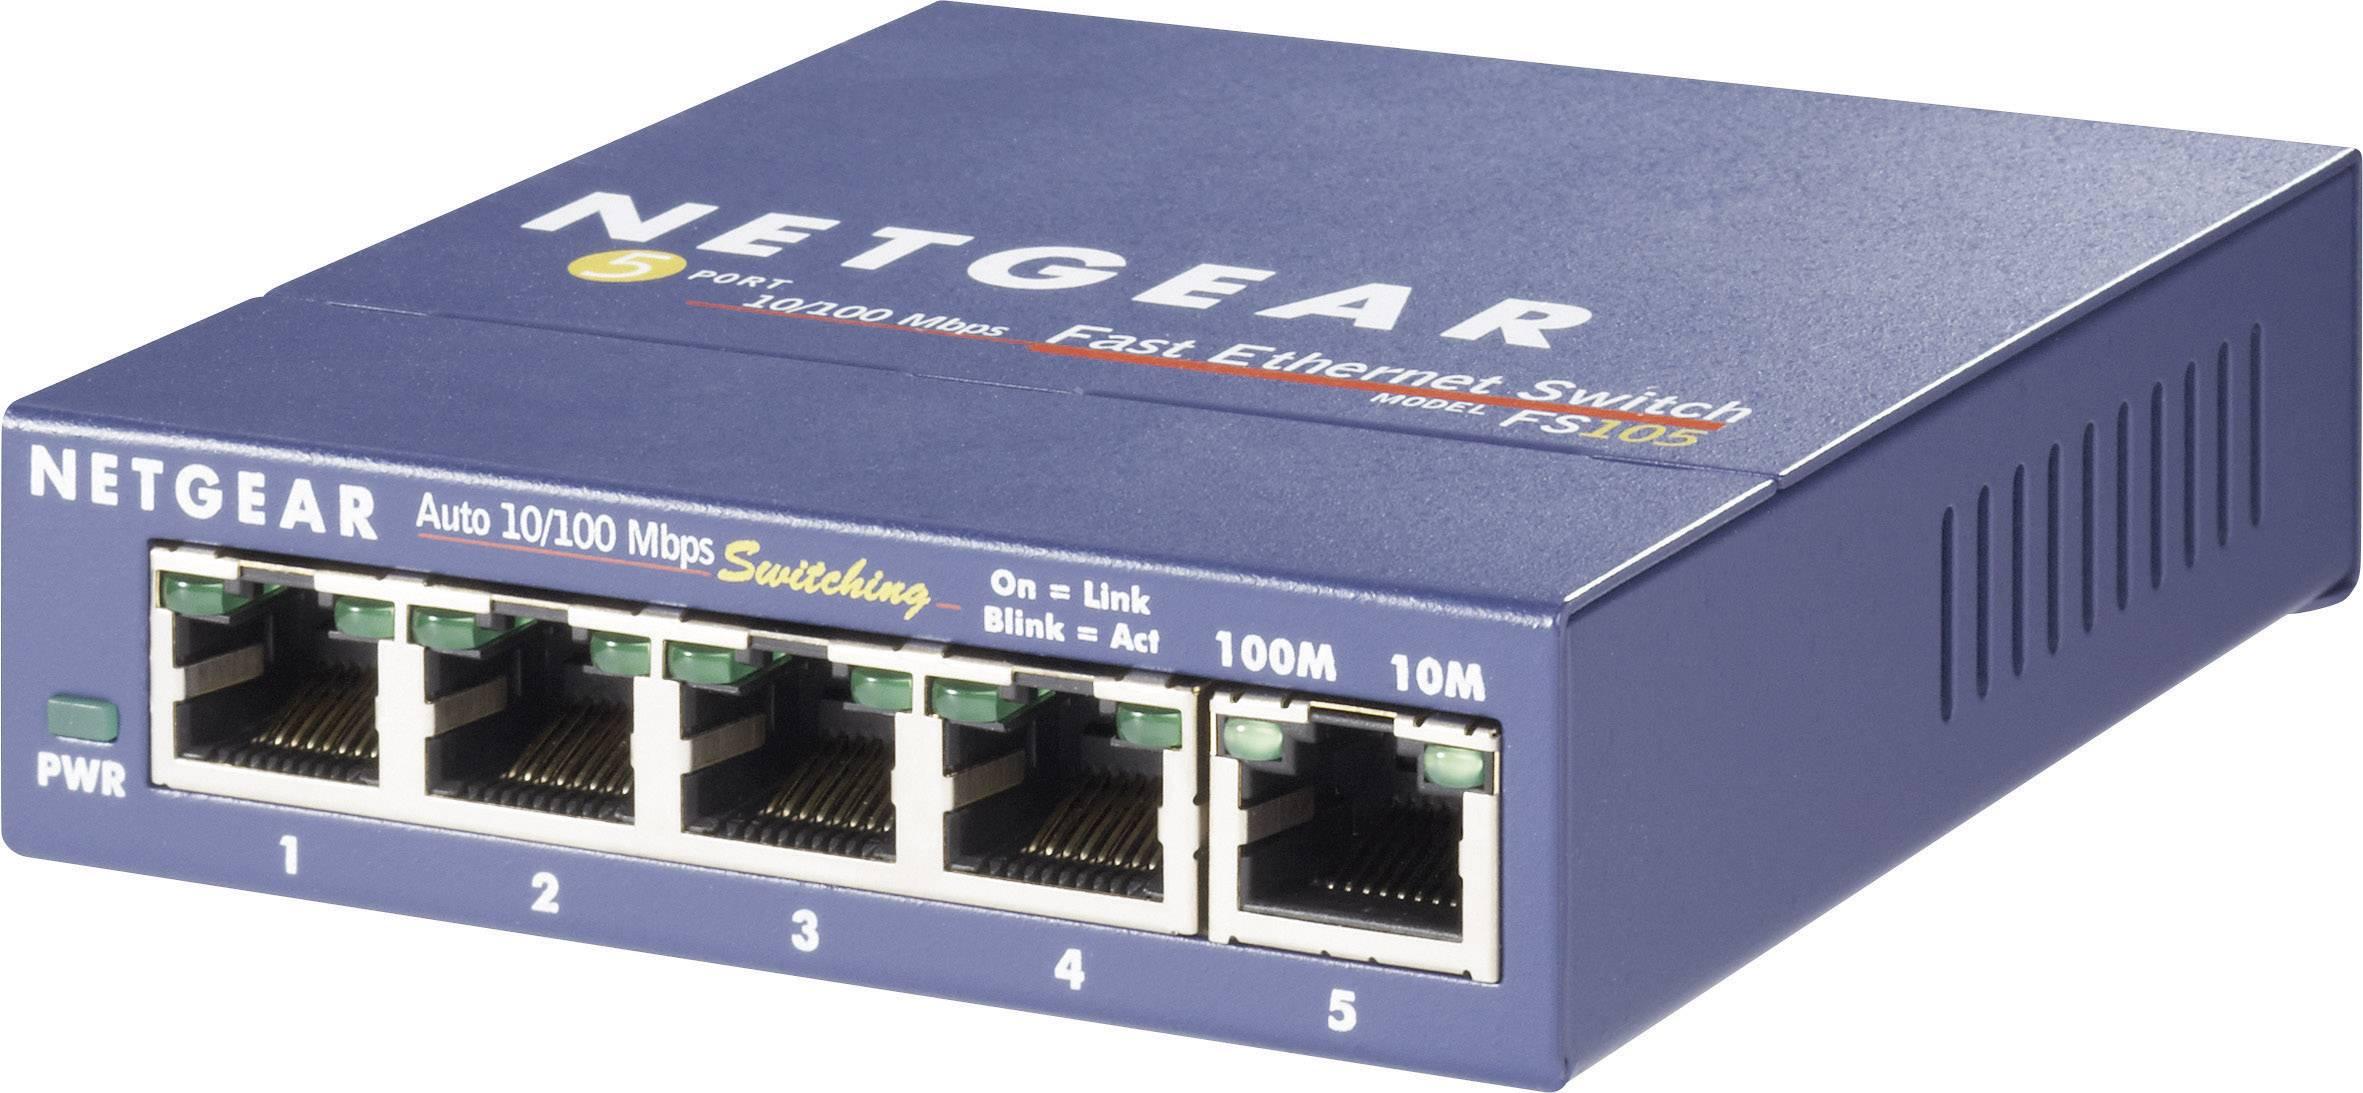 Sieťový switch RJ45 NETGEAR FS105, s 5 portmi, 100 Mbit/s